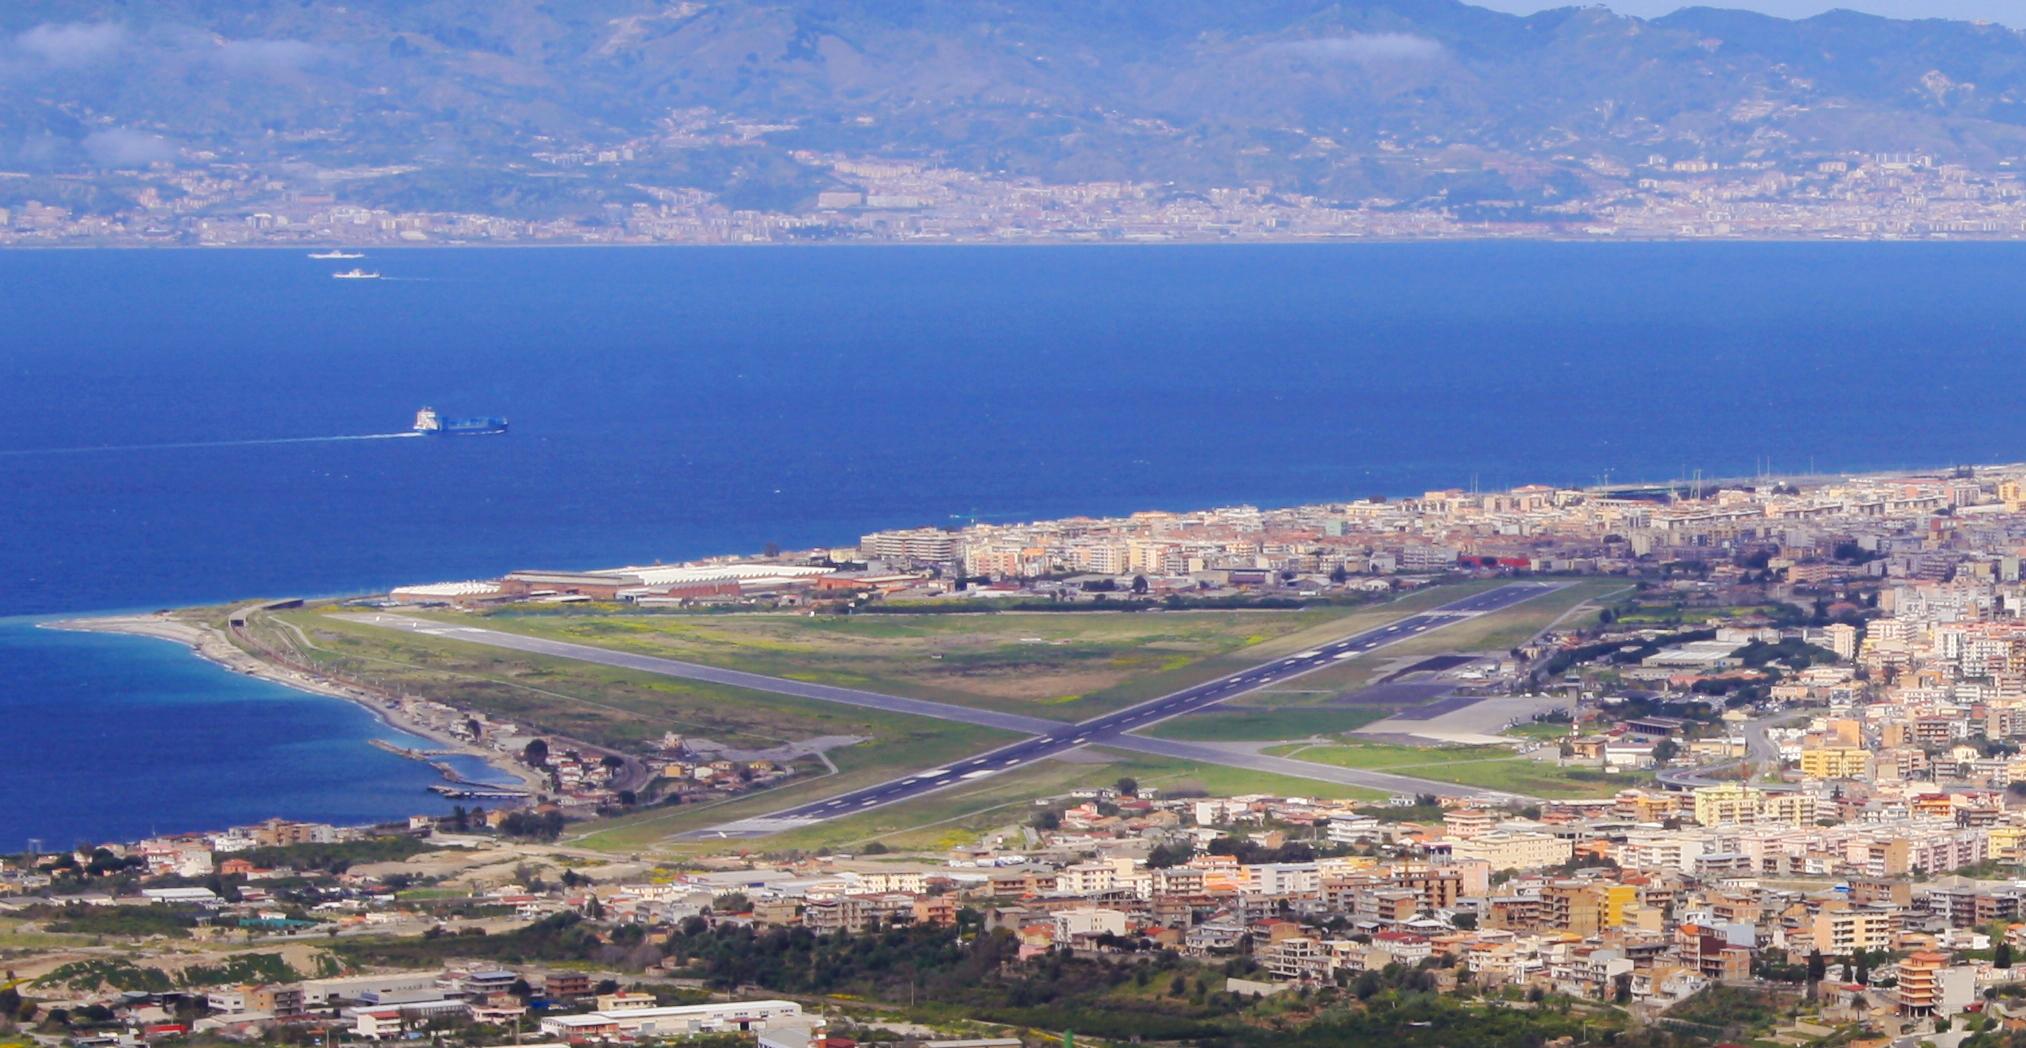 Pista_Aeroporto_Reggio_Calabria